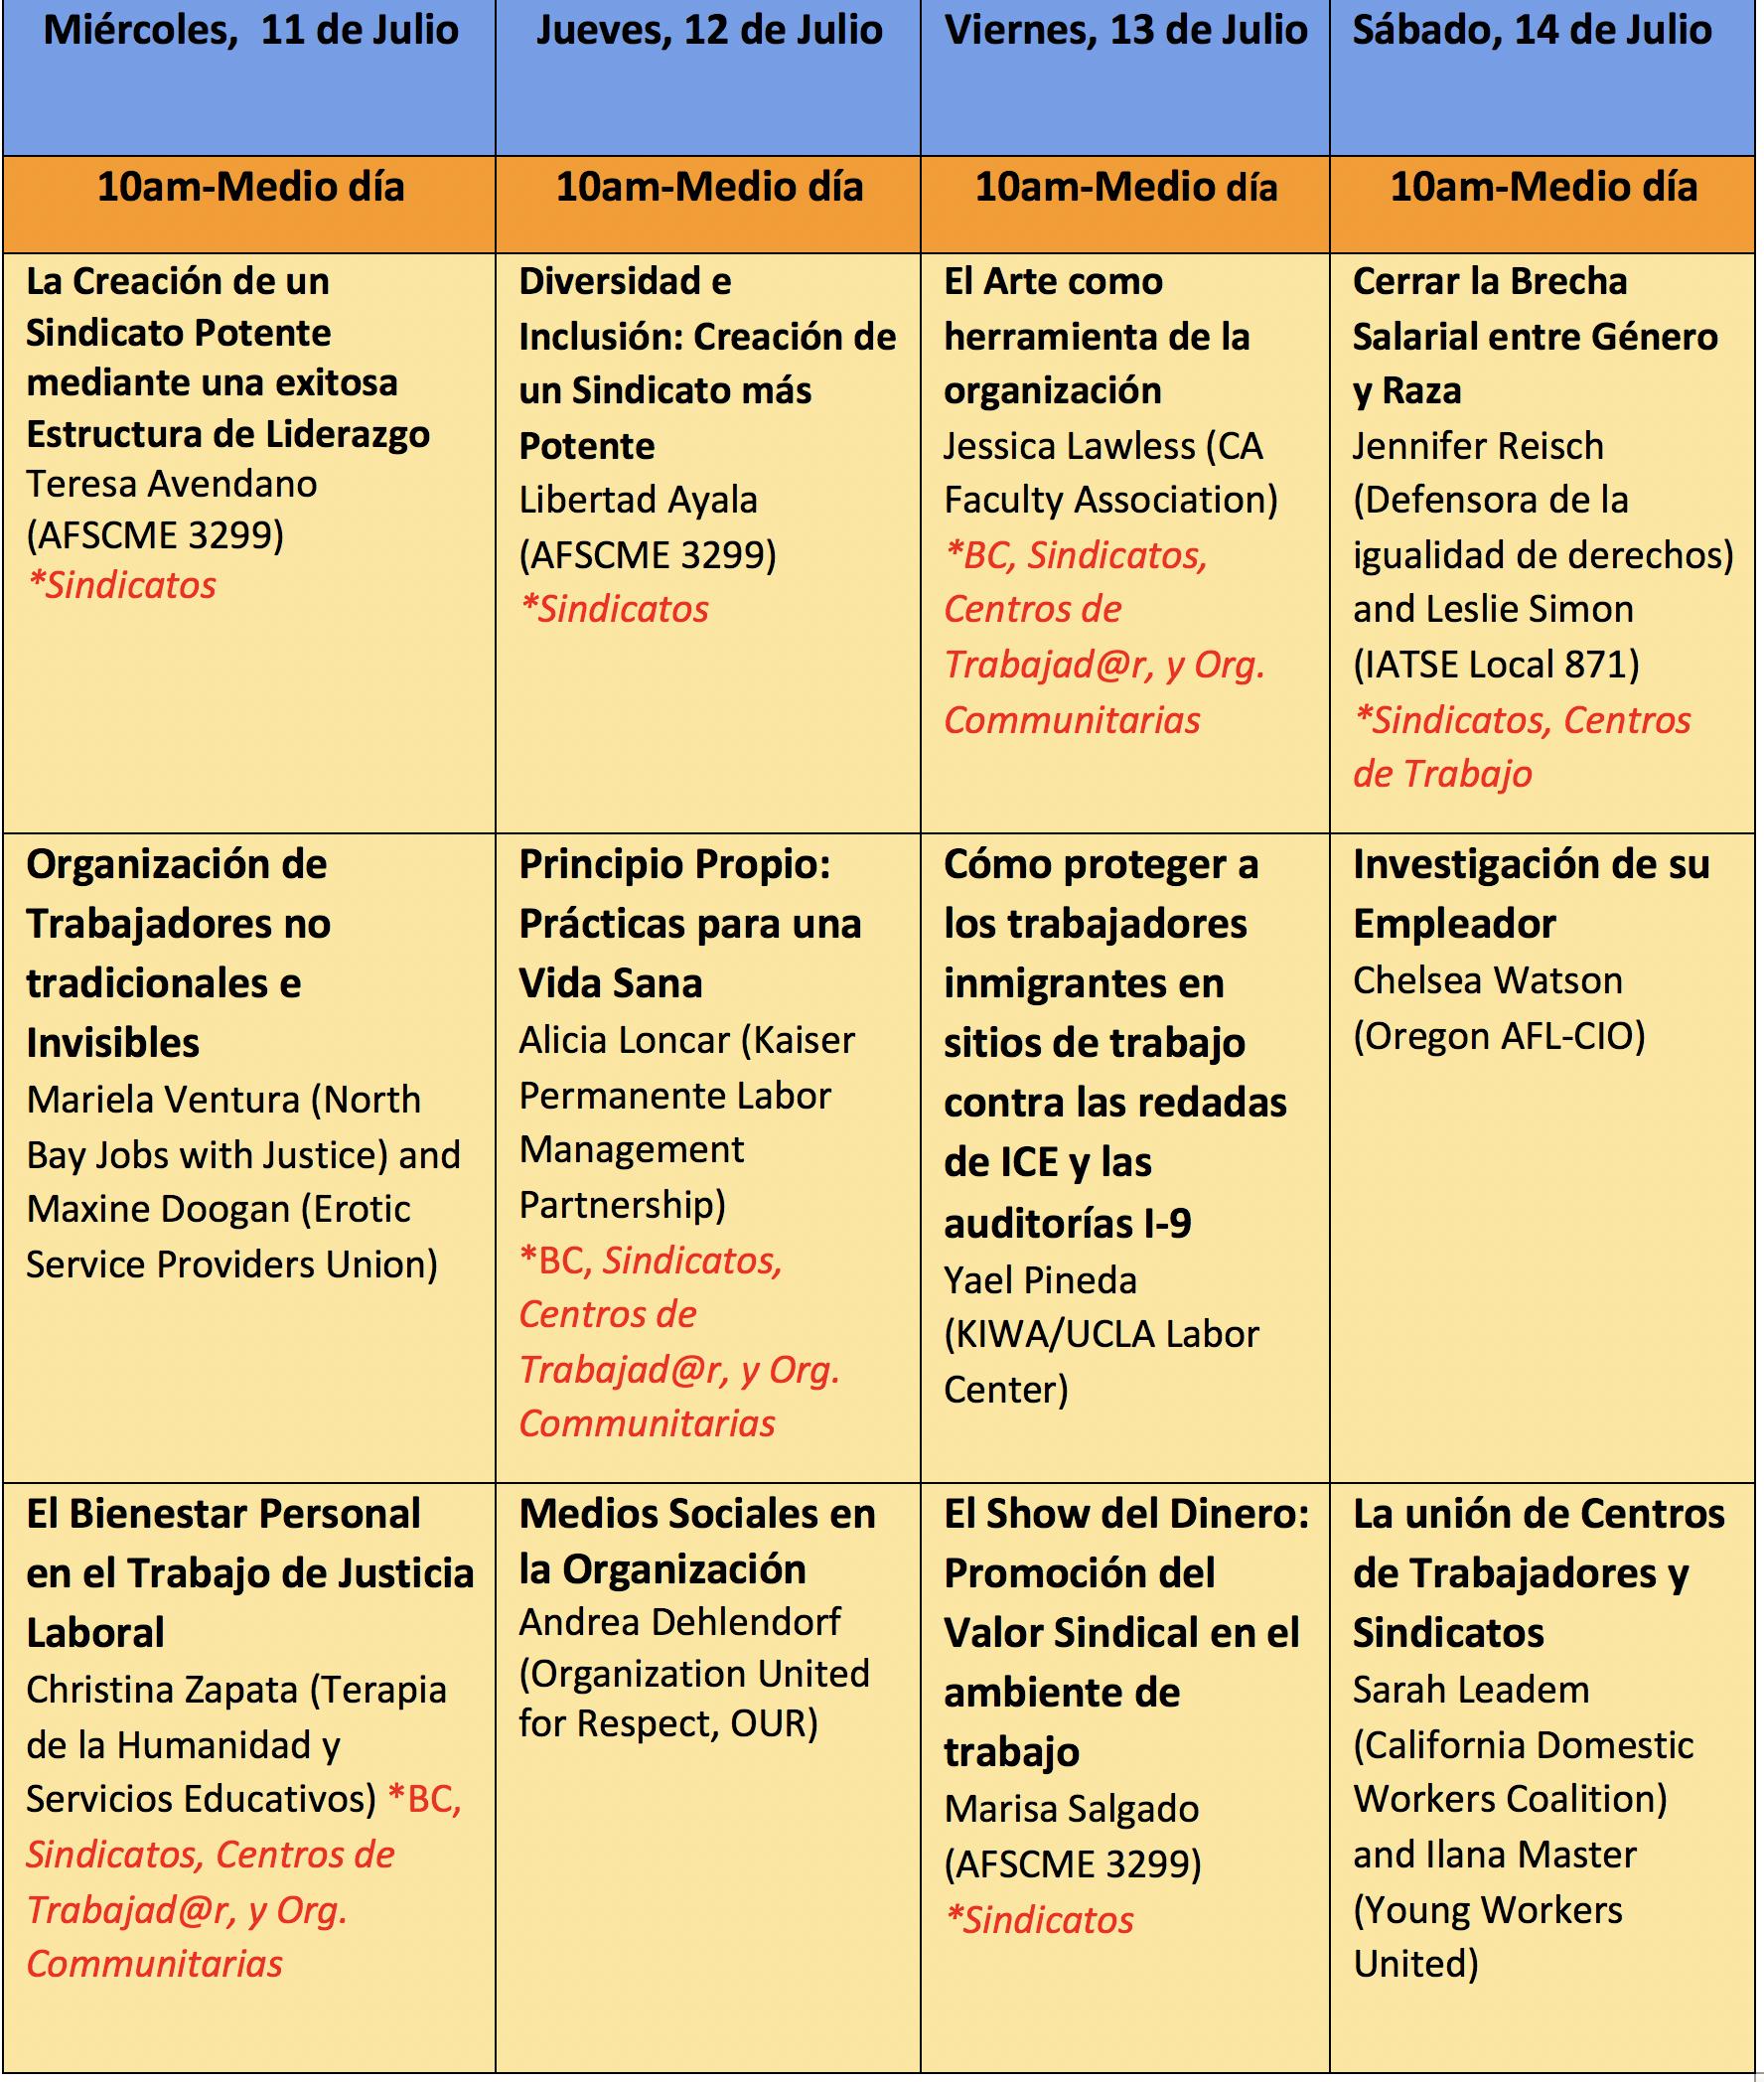 Instituto de Verano sobre Mujeres Sindicalista | Center for Labor ...